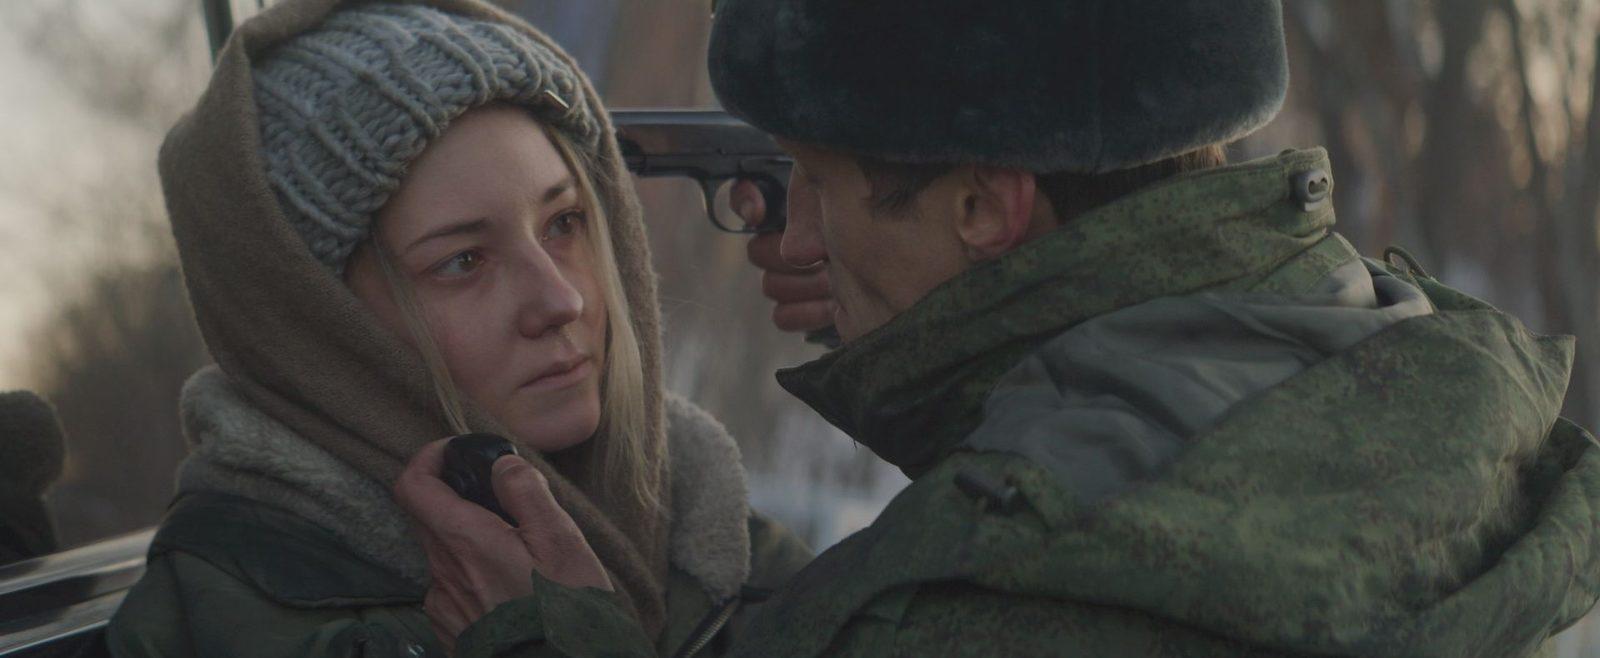 «Выжившие» с Алексеем Филимоновым и Артуром Смольяниновым выйдут в Okko 12 августа